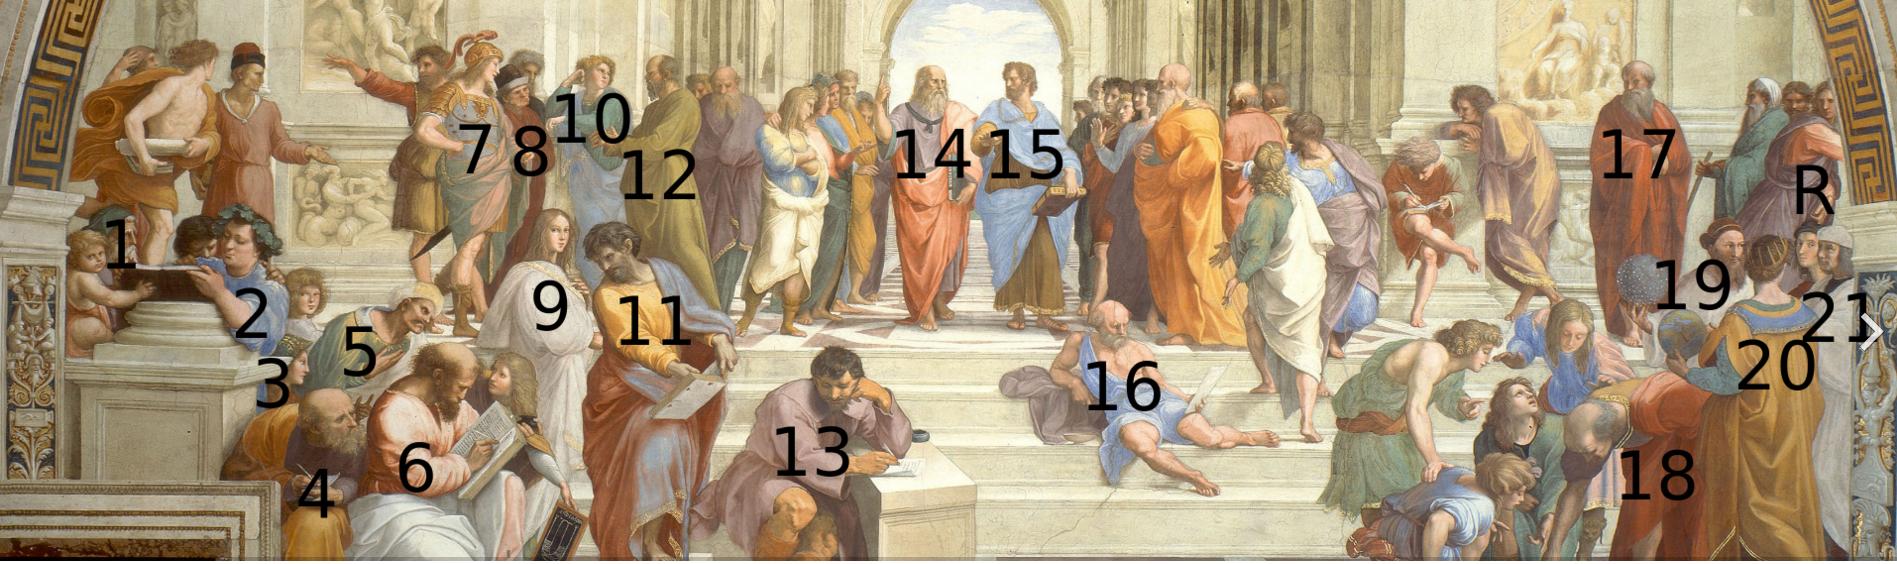 scuola di Atene numerata